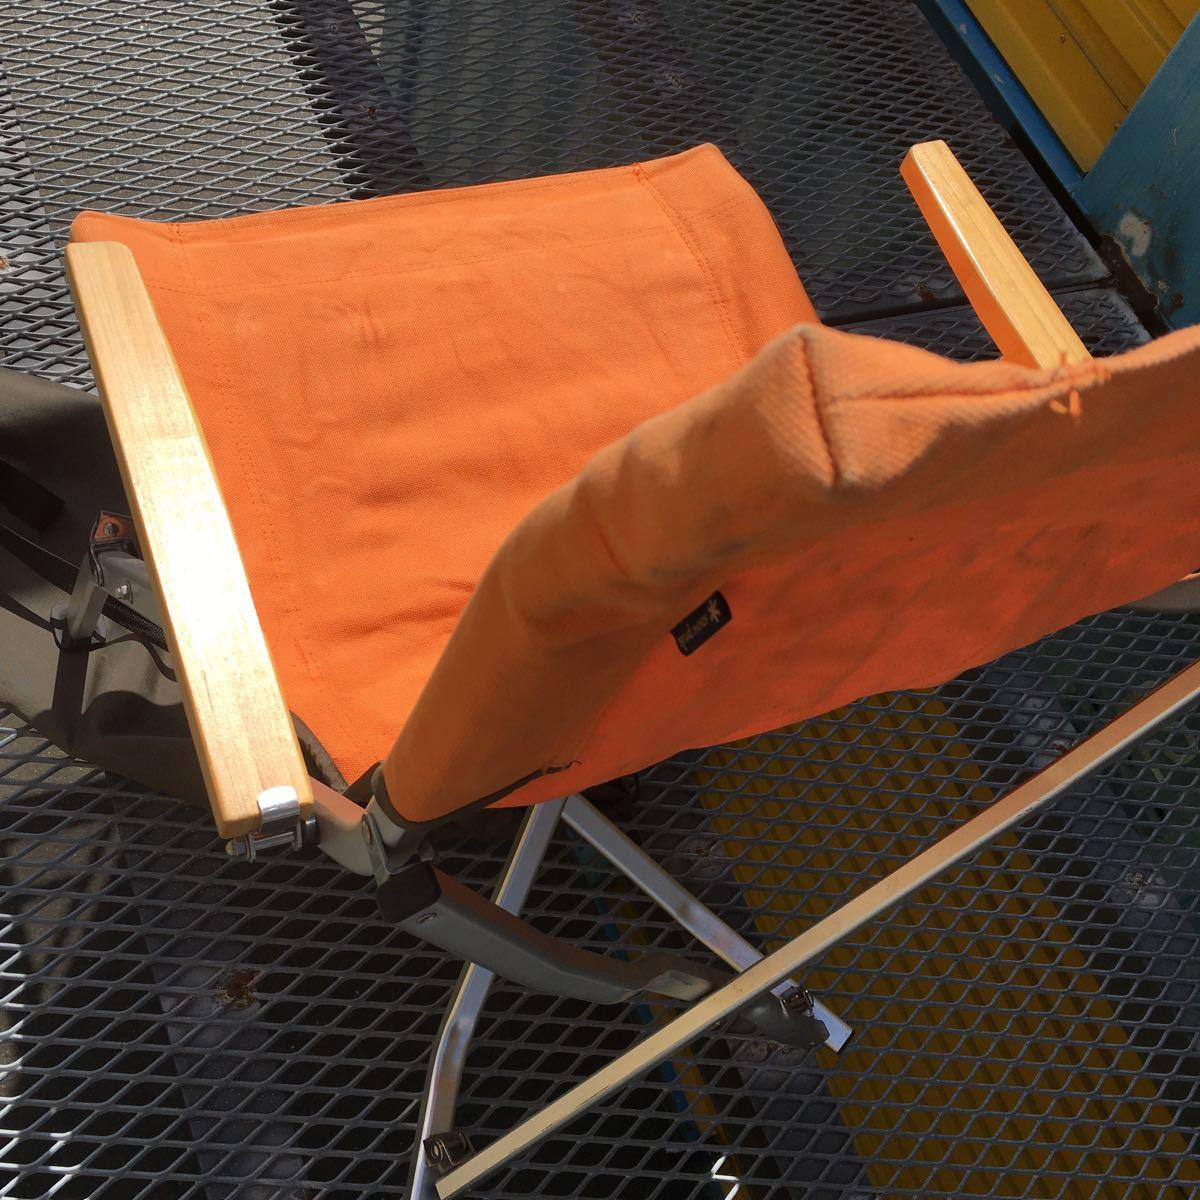 snow peak スノーピーク ローチェア30 ローチェア オレンジ